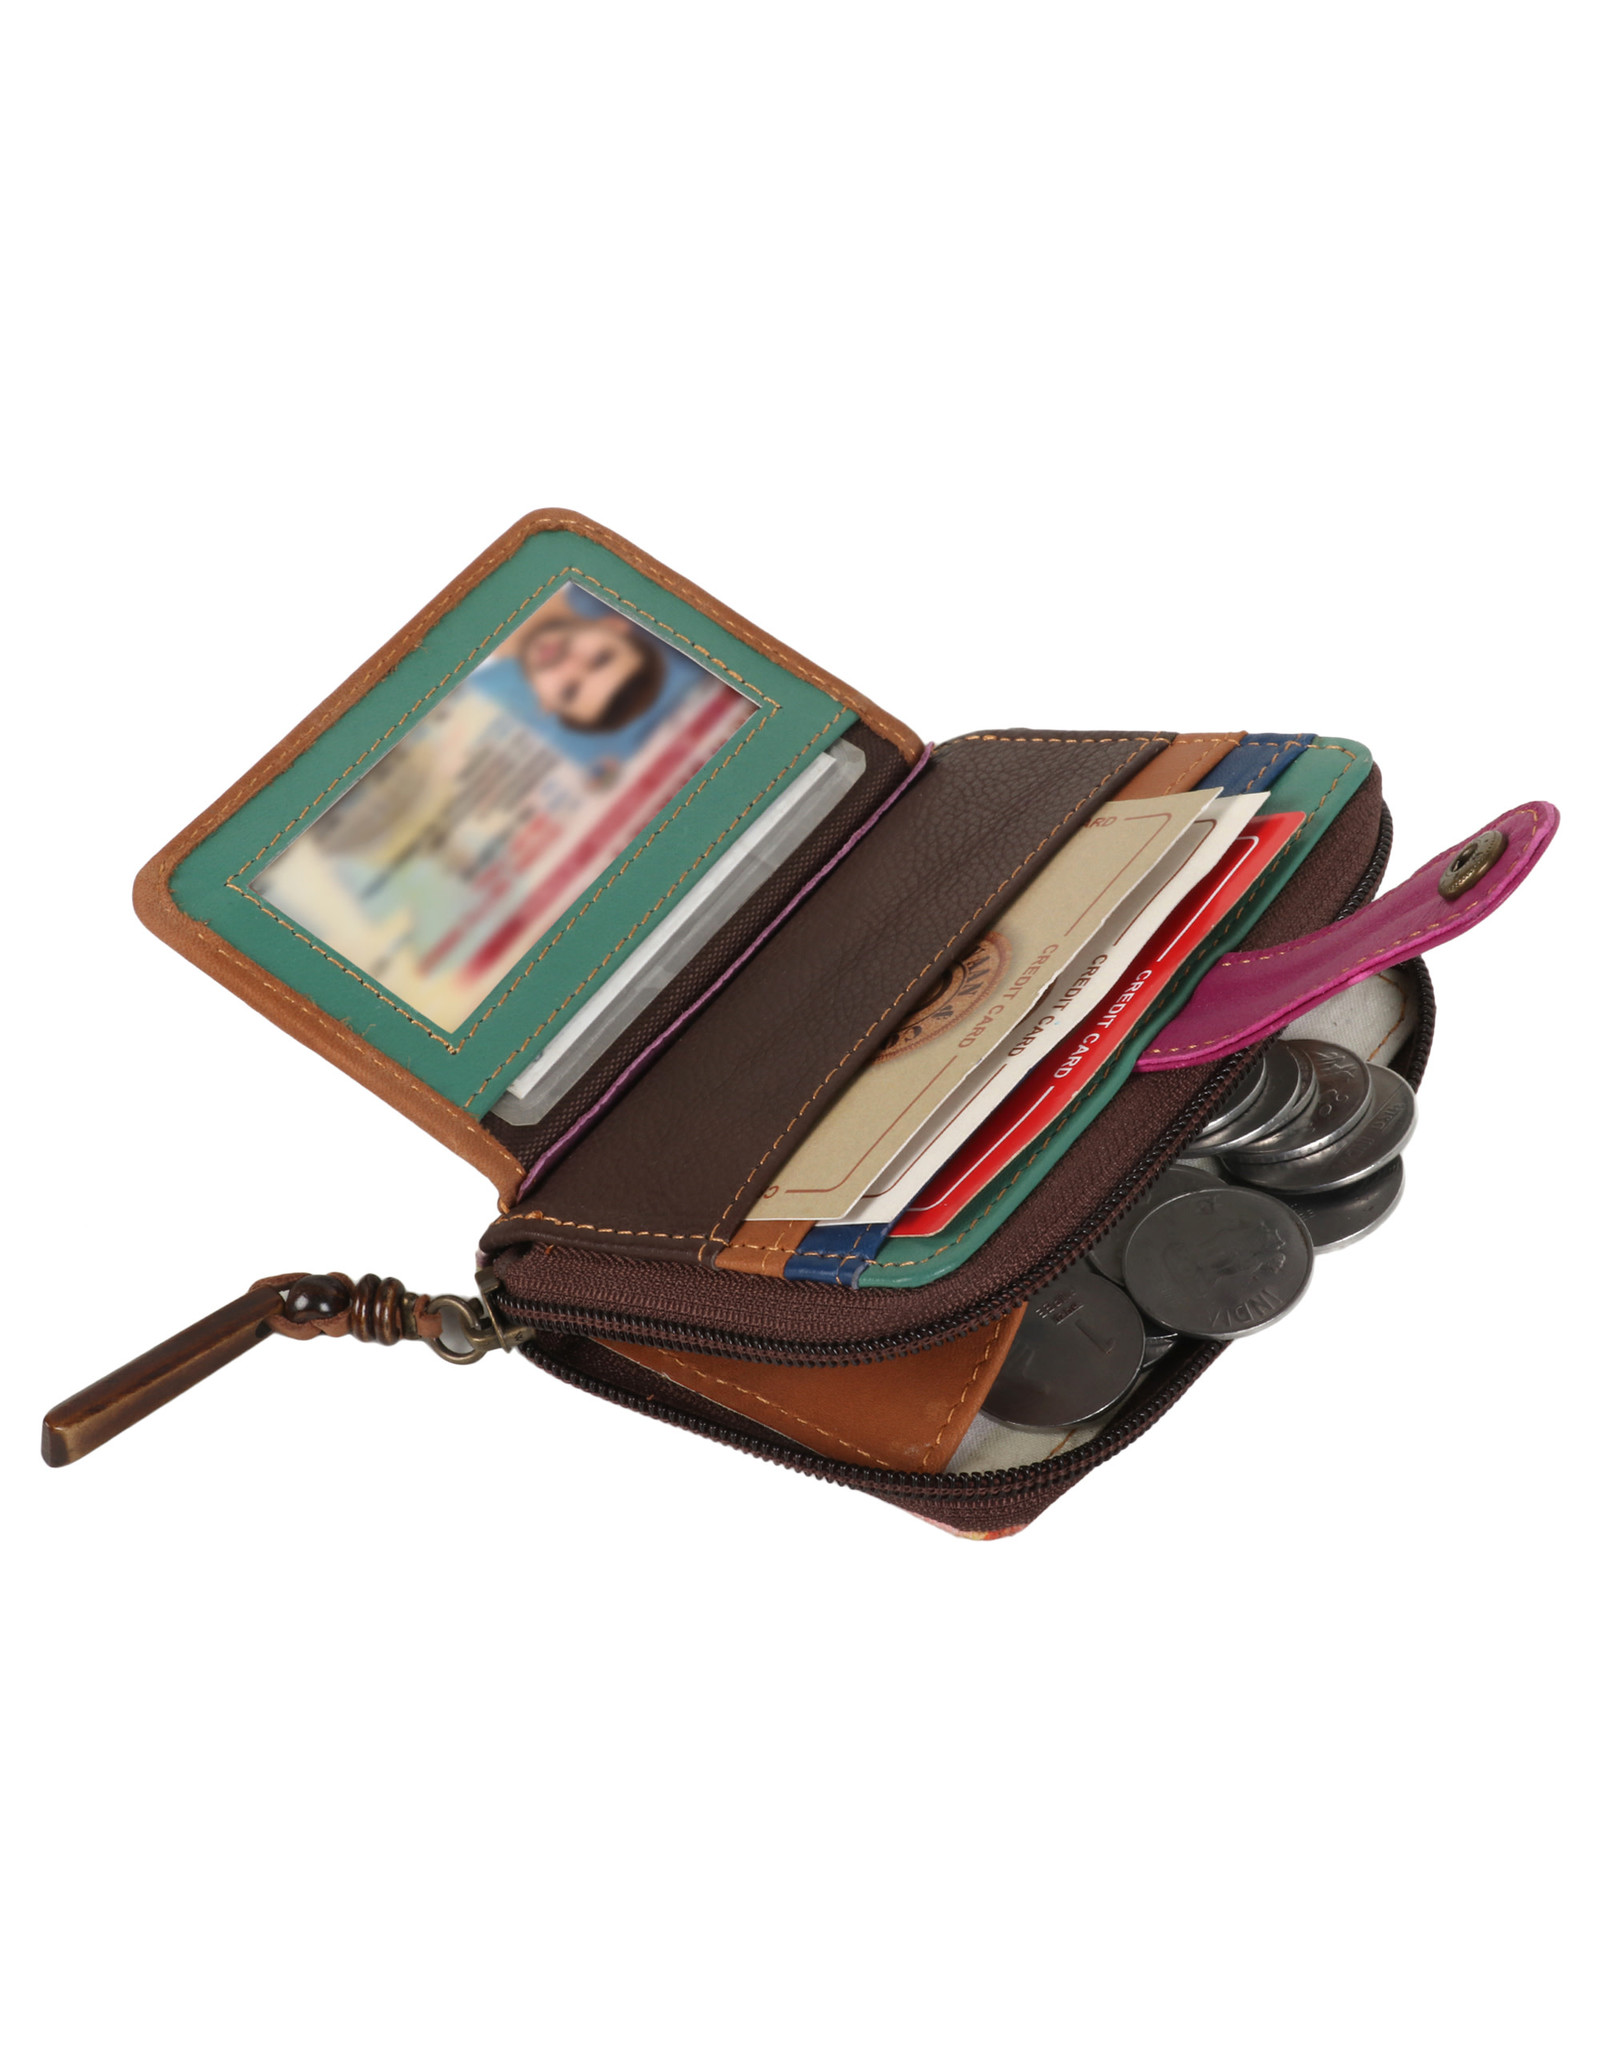 Vann & Co S2V-221 RFID Credit Card Wallet